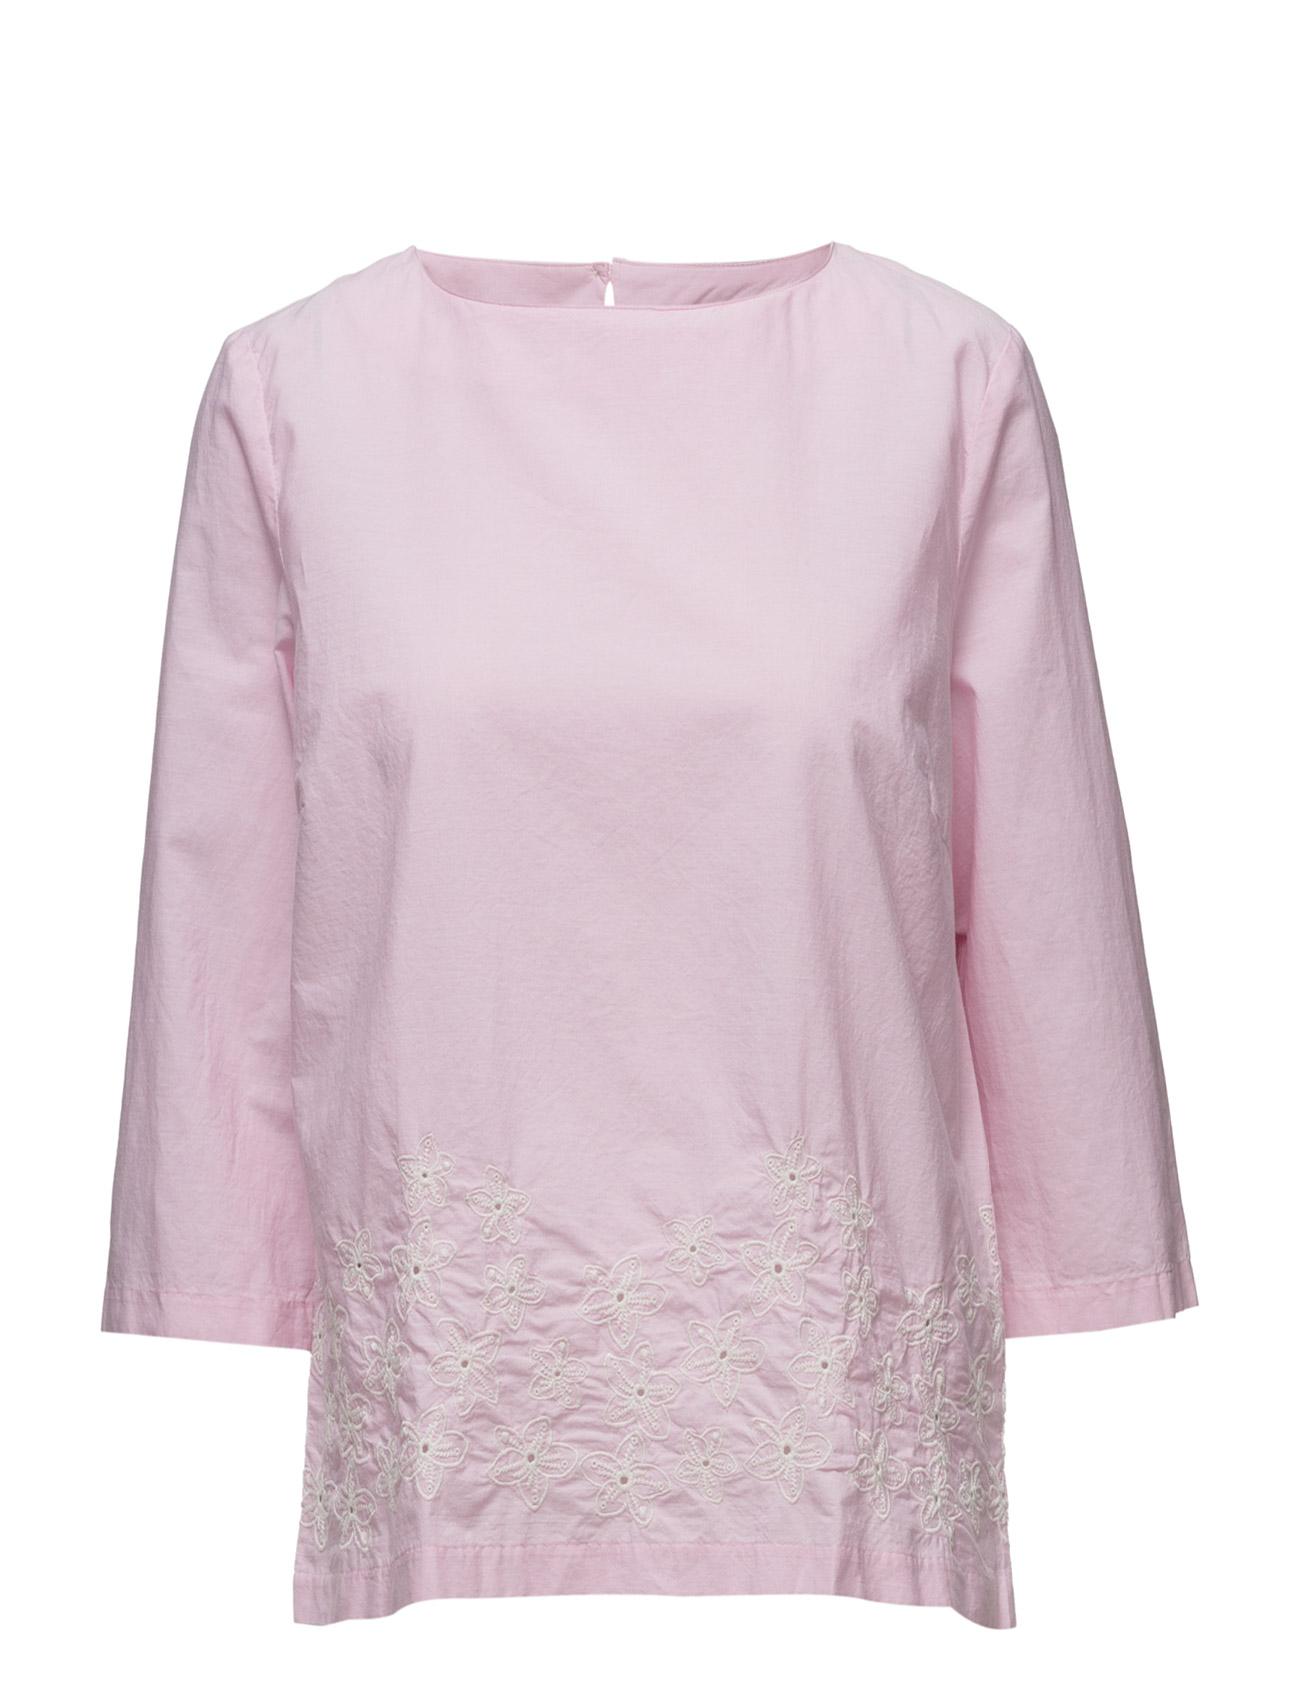 O2. Chambray Top GANT Bluser til Kvinder i Bright Pink